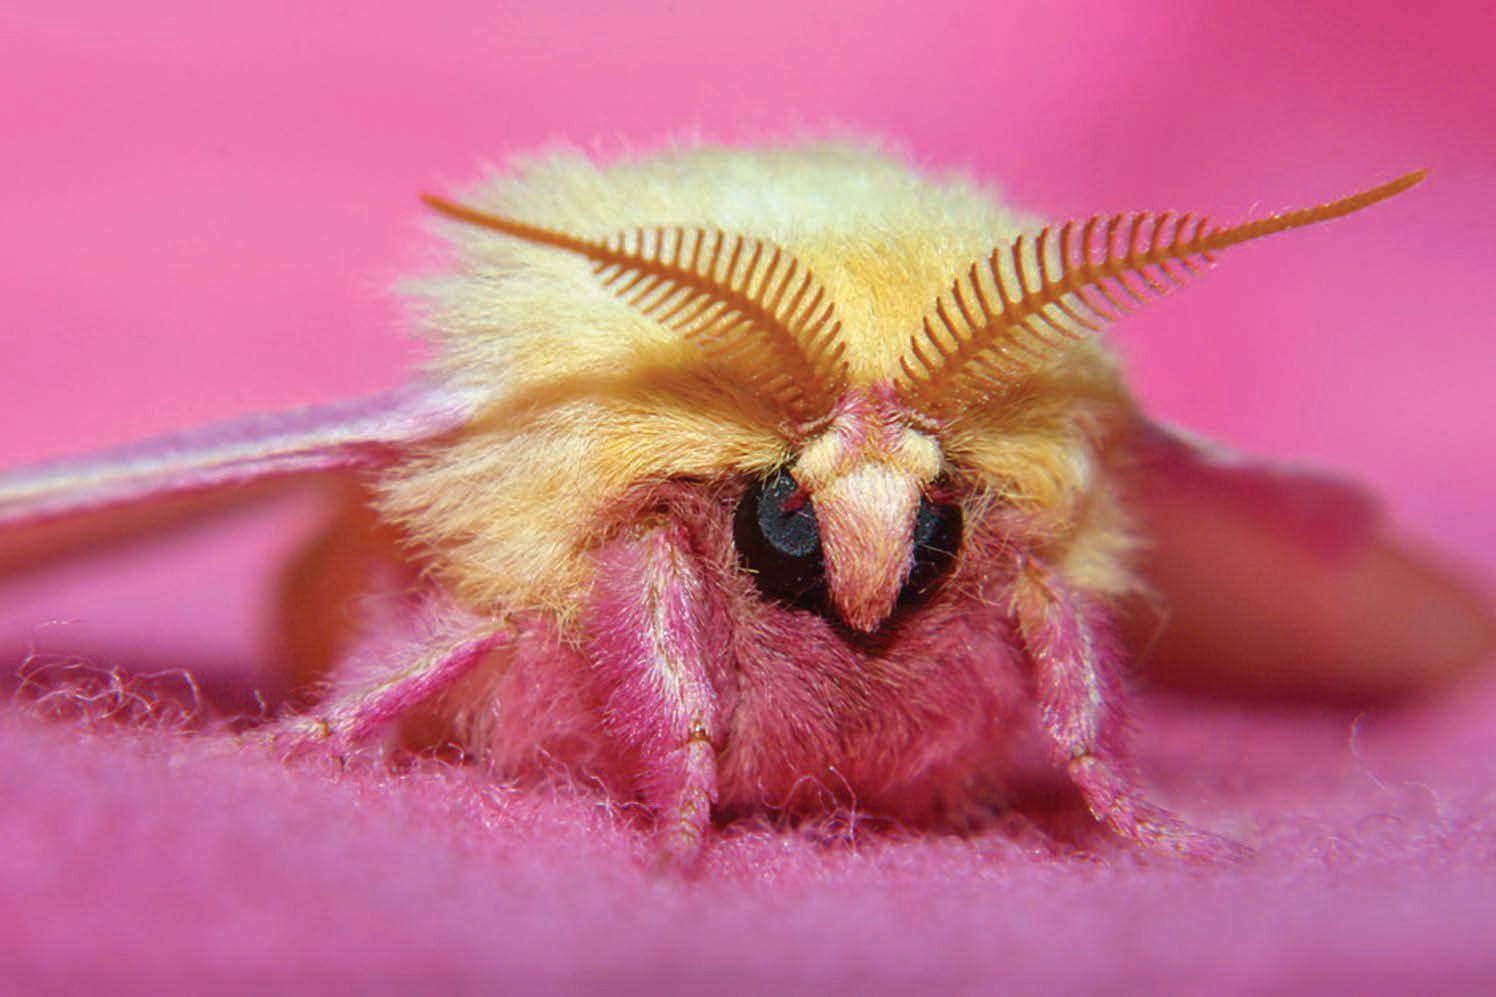 Rosige Ahorn Motte Reptilien Und Amphibien Insekten Naturfotos